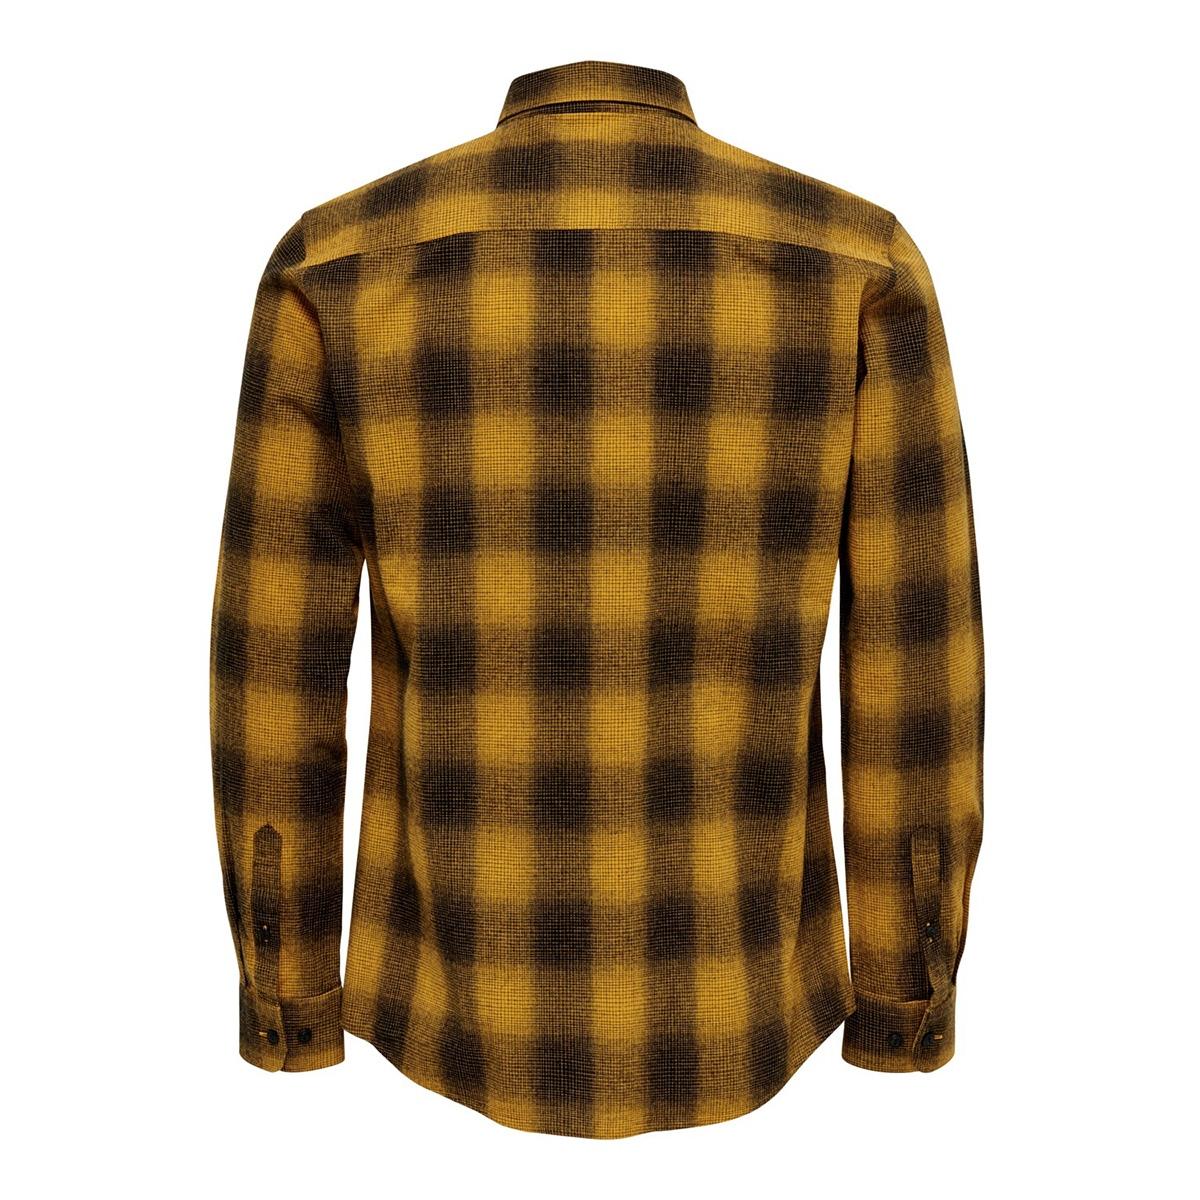 onsewan ls shadow check shirt 22014534 only & sons overhemd dessert sun